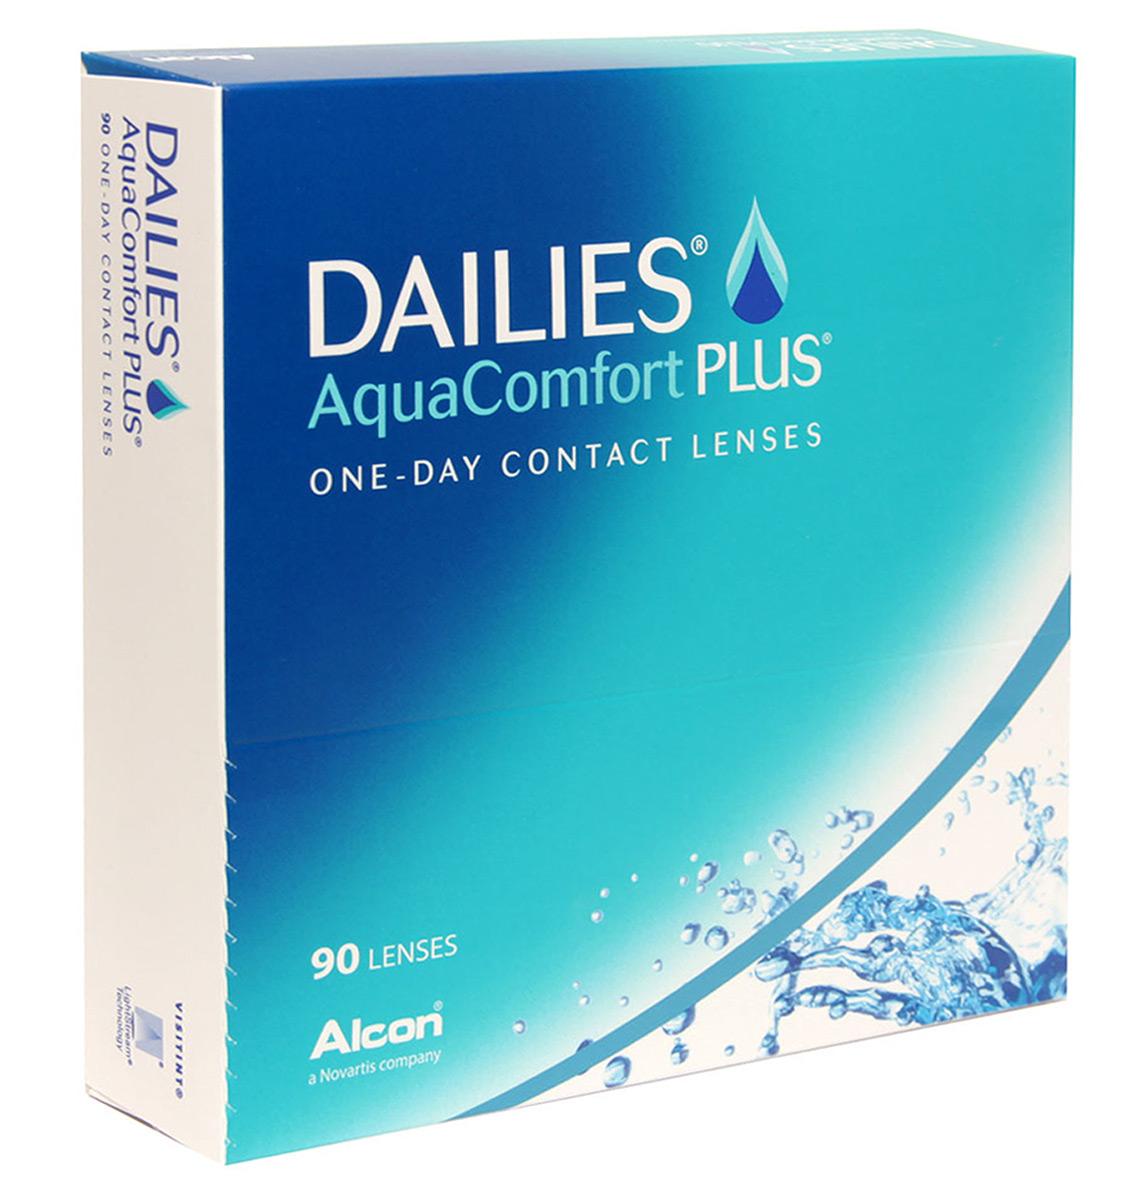 Alcon-CIBA Vision контактные линзы Dailies AquaComfort Plus (90шт / 8.7 / 14.0 / +4.50)38359Dailies Aqua Comfort Plus (90 блистеров) – это одни из самых популярных однодневных линз производства компании CIBA VISION. Эти линзы пользуются огромной популярностью во всем мире и являются на сегодняшний день самыми безопасными контактными линзами. Изготавливаются линзы из современного, 100% безопасного материала нелфилкон А. Особенность этого материала в том, что он легко пропускает воздух и хорошо сохраняет влагу. Однодневные контактные линзы Dailies Aqua Comfort Plus не нуждаются в дополнительном уходе и затратах, каждый день вы надеваете свежую пару линз. Дизайн линзы биосовместимый, что гарантирует безупречный комфорт. Самое главное достоинство Dailies Aqua Comfort Plus – это их уникальная система увлажнения. Благодаря этой разработке линзы увлажняются тремя различными агентами. Первый компонент, ухаживающий за линзами, находится в растворе, он как бы обволакивает линзу, обеспечивая чрезвычайно комфортное надевание. Второй агент выделяется на протяжении всего дня, он непрерывно смачивает линзы. Третий – увлажняющий агент, выделяется во время моргания, благодаря ему поддерживается постоянный комфорт. Также линзы имеют УФ-фильтр, который будет заботиться о ваших глазах. Dailies Aqua Comfort Plus одни из лучших линз в своей категории. Всемирно известная компания CIBAVISION, создавая эти контактные линзы, попыталась учесть все потребности пациентов и ей это удалось!Кривизна, Mm: /8.7/.Оптическая сила,mm: +4.50.Содержание воды, %: 69.Контактные линзы или очки: советы офтальмологов. Статья OZON Гид